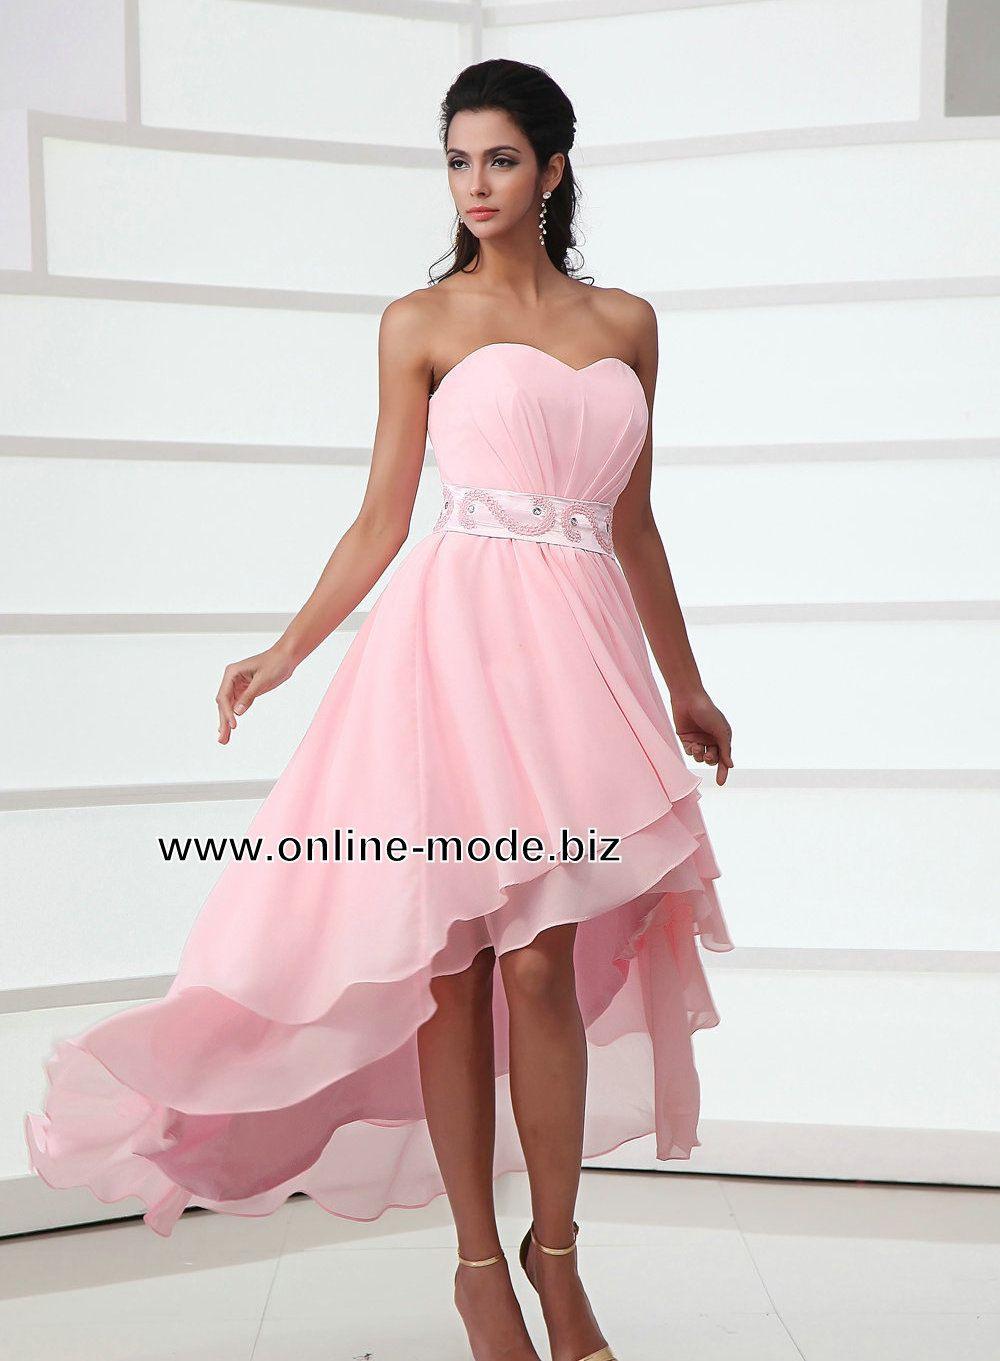 Formal Cool Unique Abendkleid Rosa Spezialgebiet Fantastisch Unique Abendkleid Rosa Ärmel